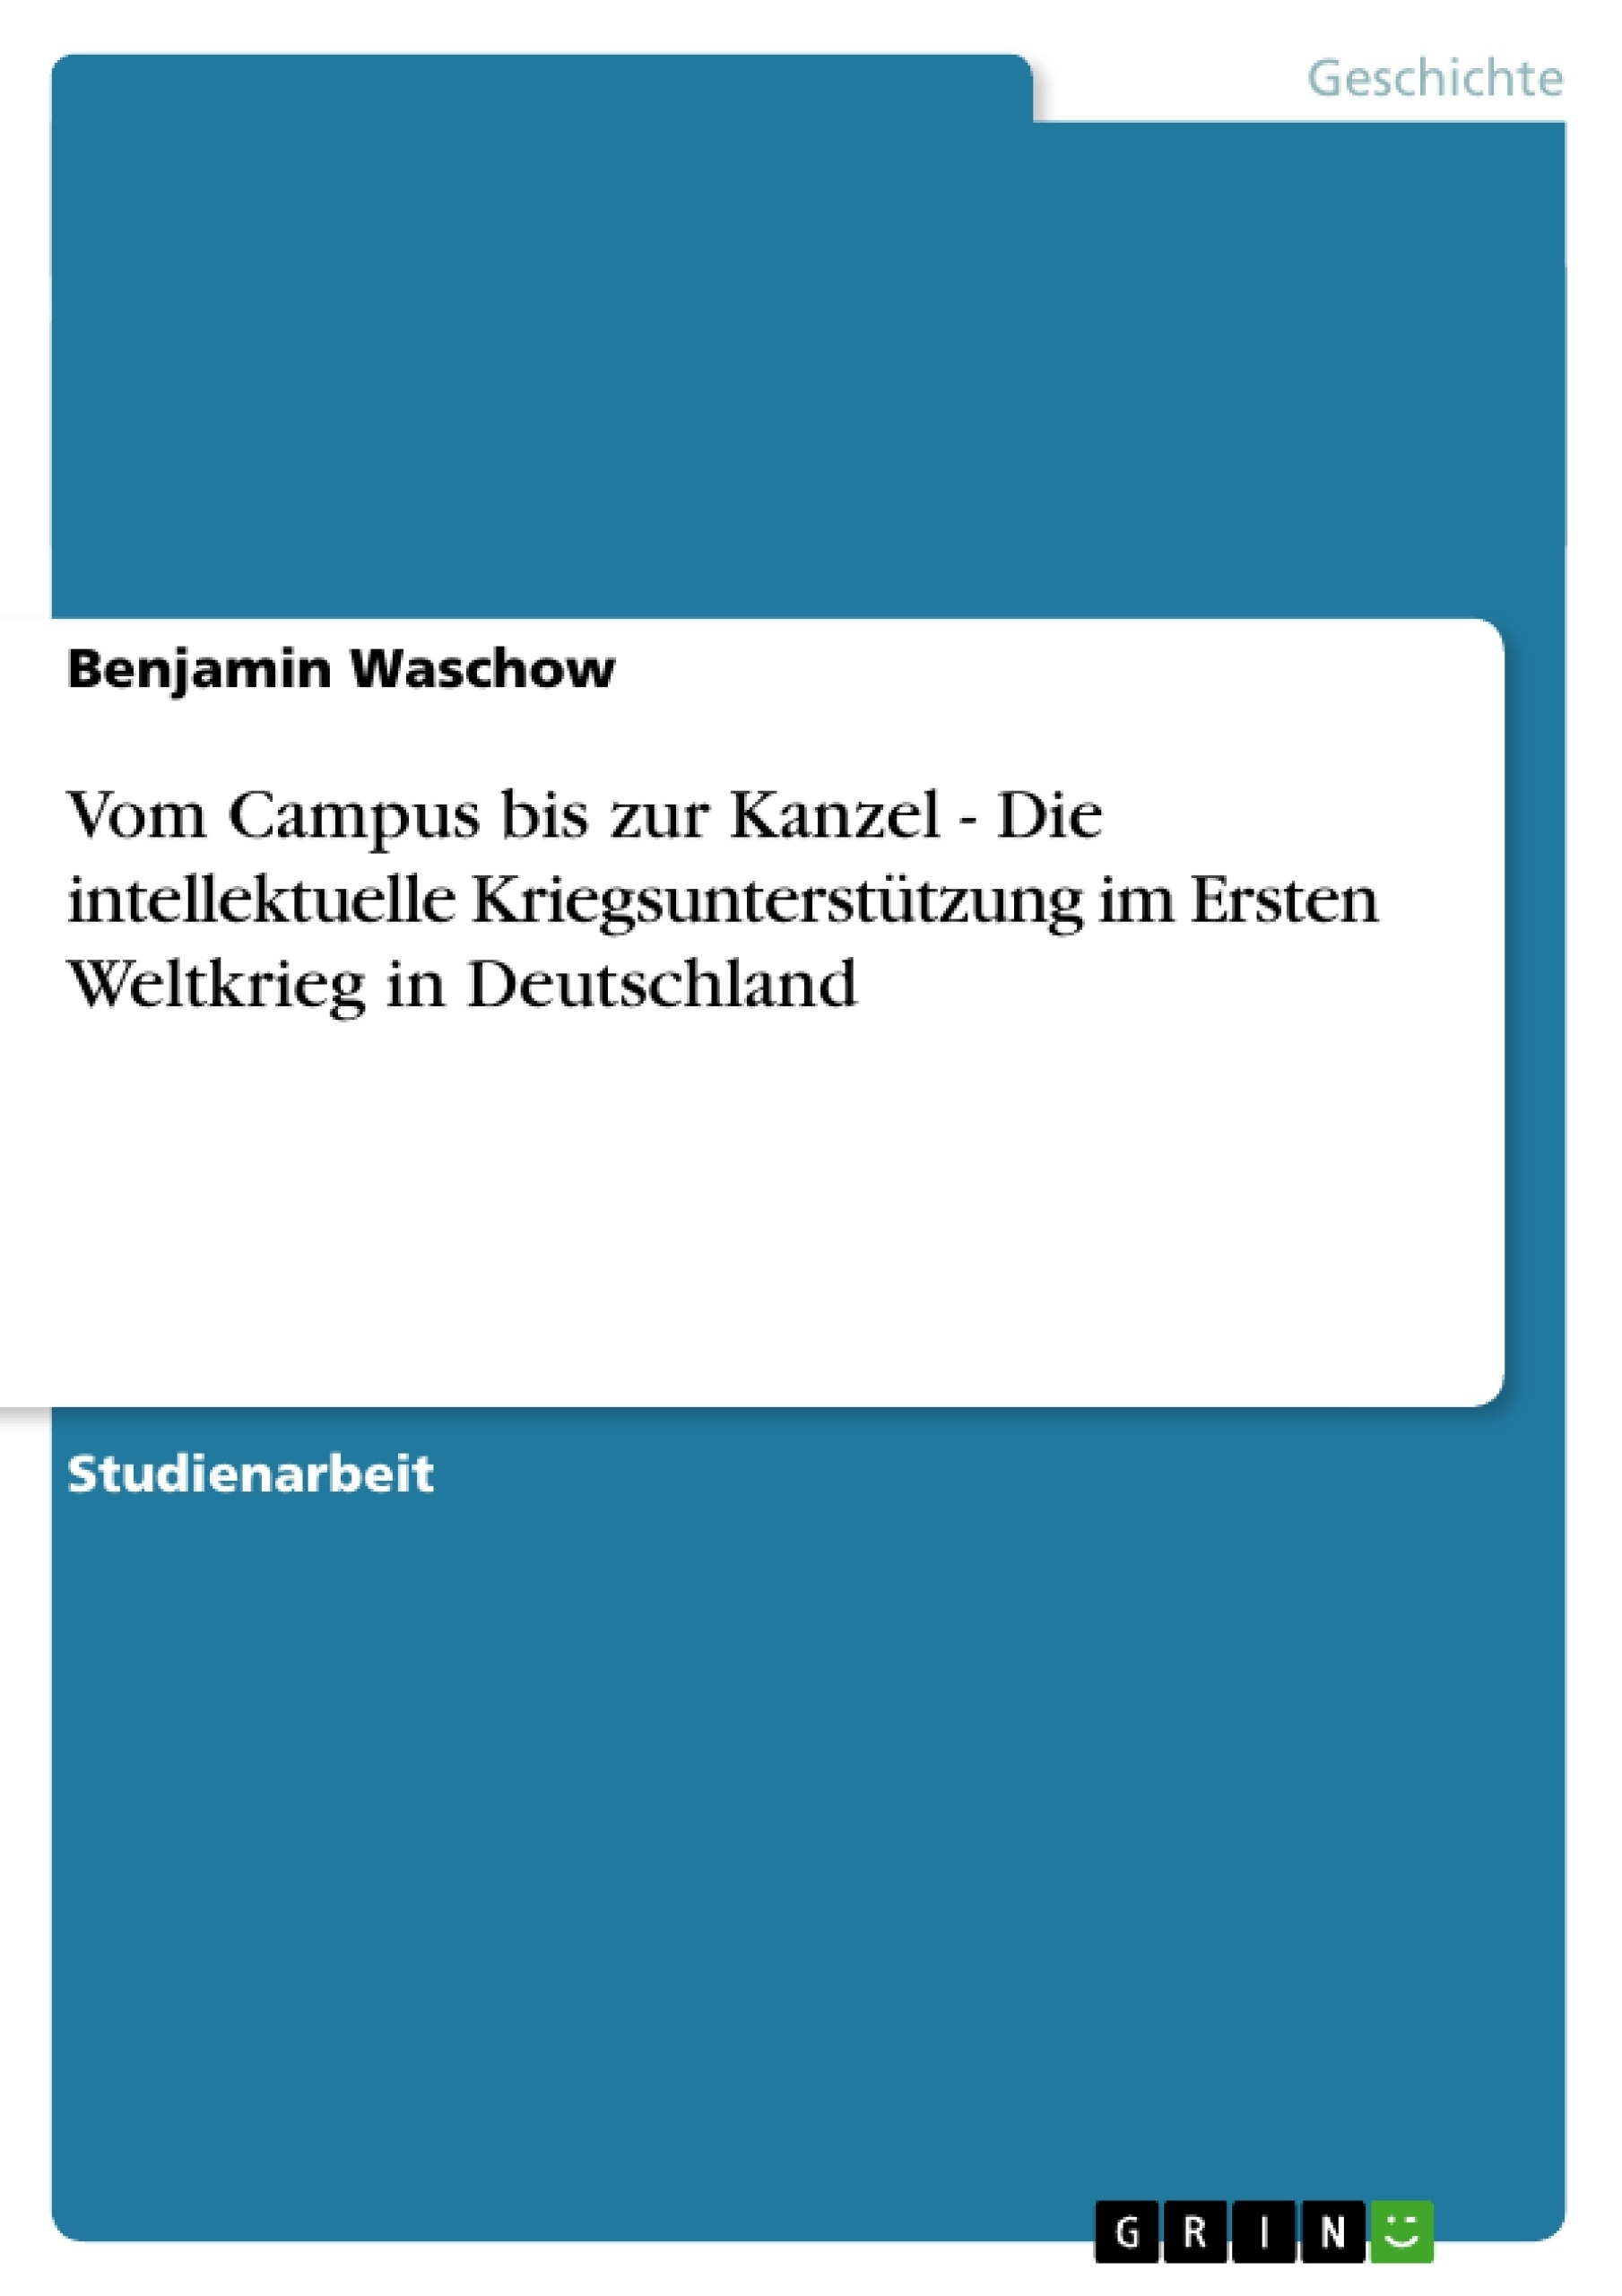 Titel: Vom Campus bis zur Kanzel - Die intellektuelle Kriegsunterstützung im Ersten Weltkrieg in Deutschland